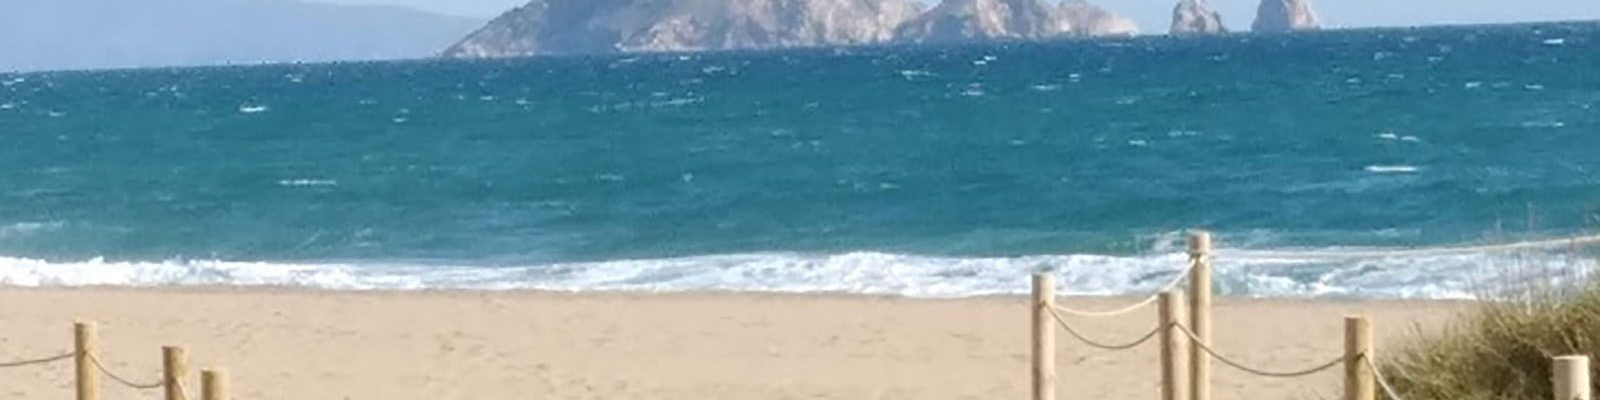 Medes_Playa de Pals